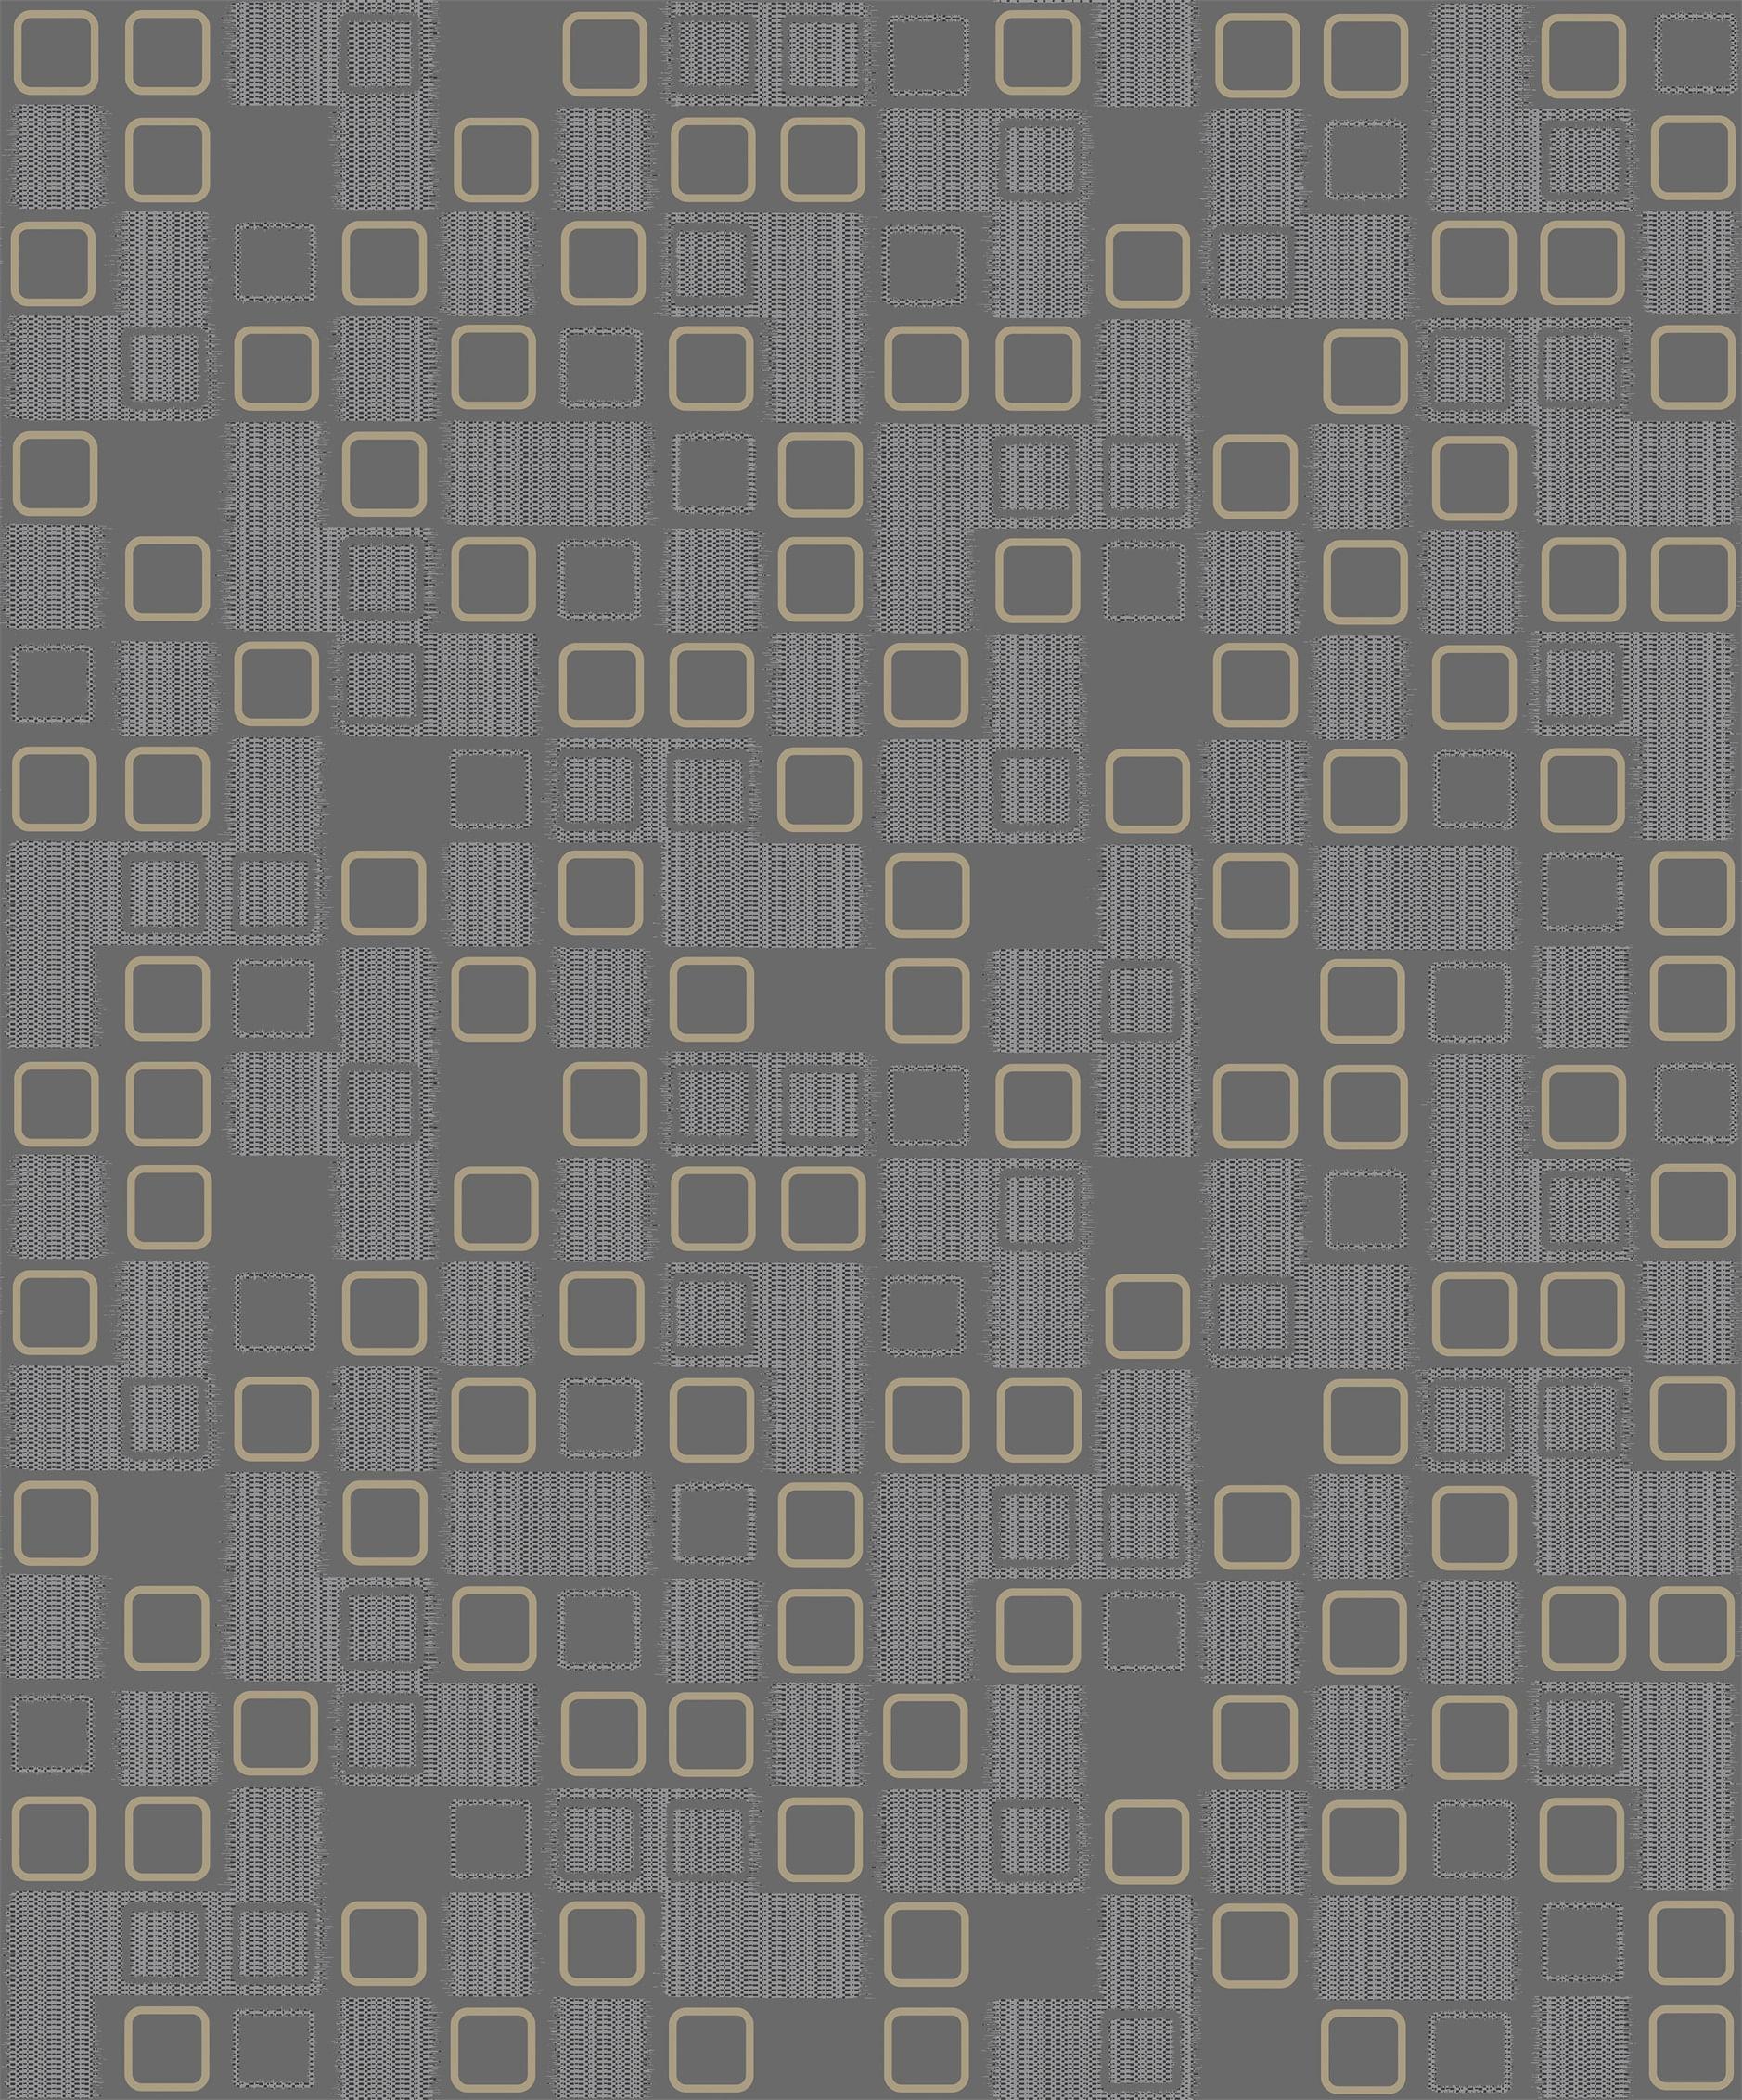 Papel de Parede Modern Maison Ladrilhos Frescos MM557803 - Rolo: 10m x 0,52m